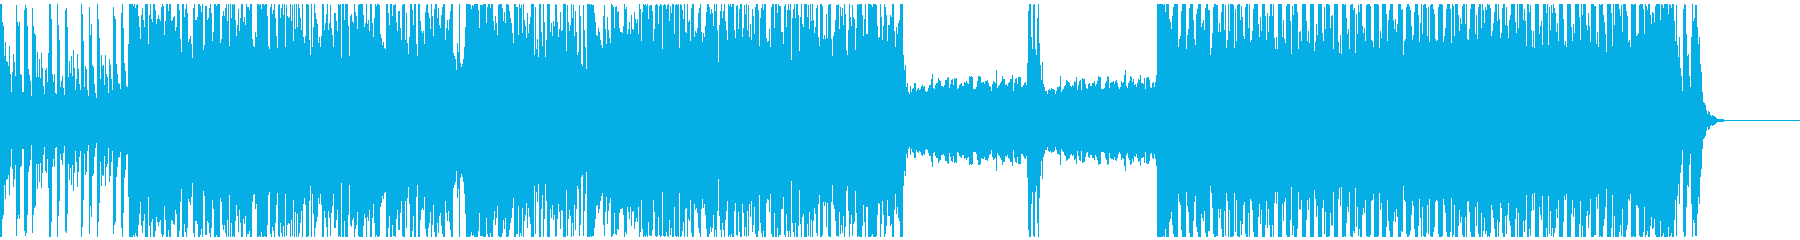 和風メタル三味線 鉄板焼き NARUTOの再生済みの波形